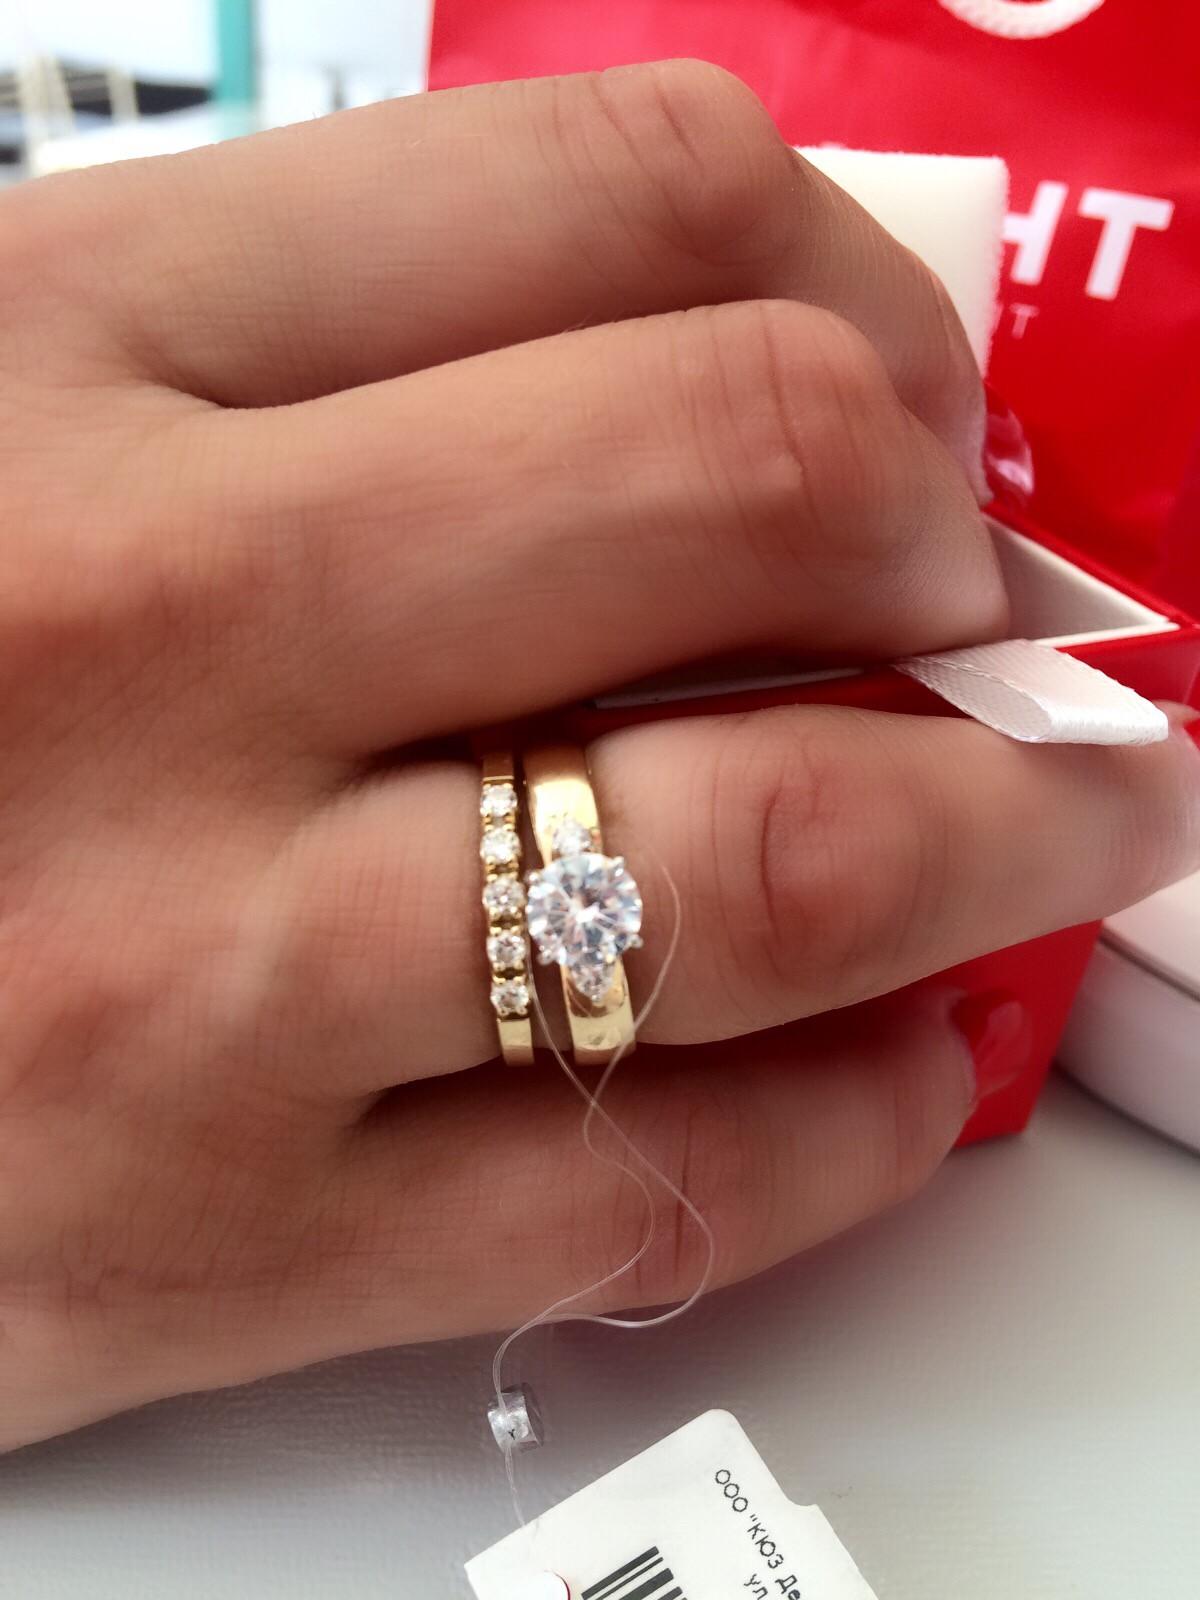 Отличное кольцо, камни сверкают не хуже бриллиантов))) хороший выбор!